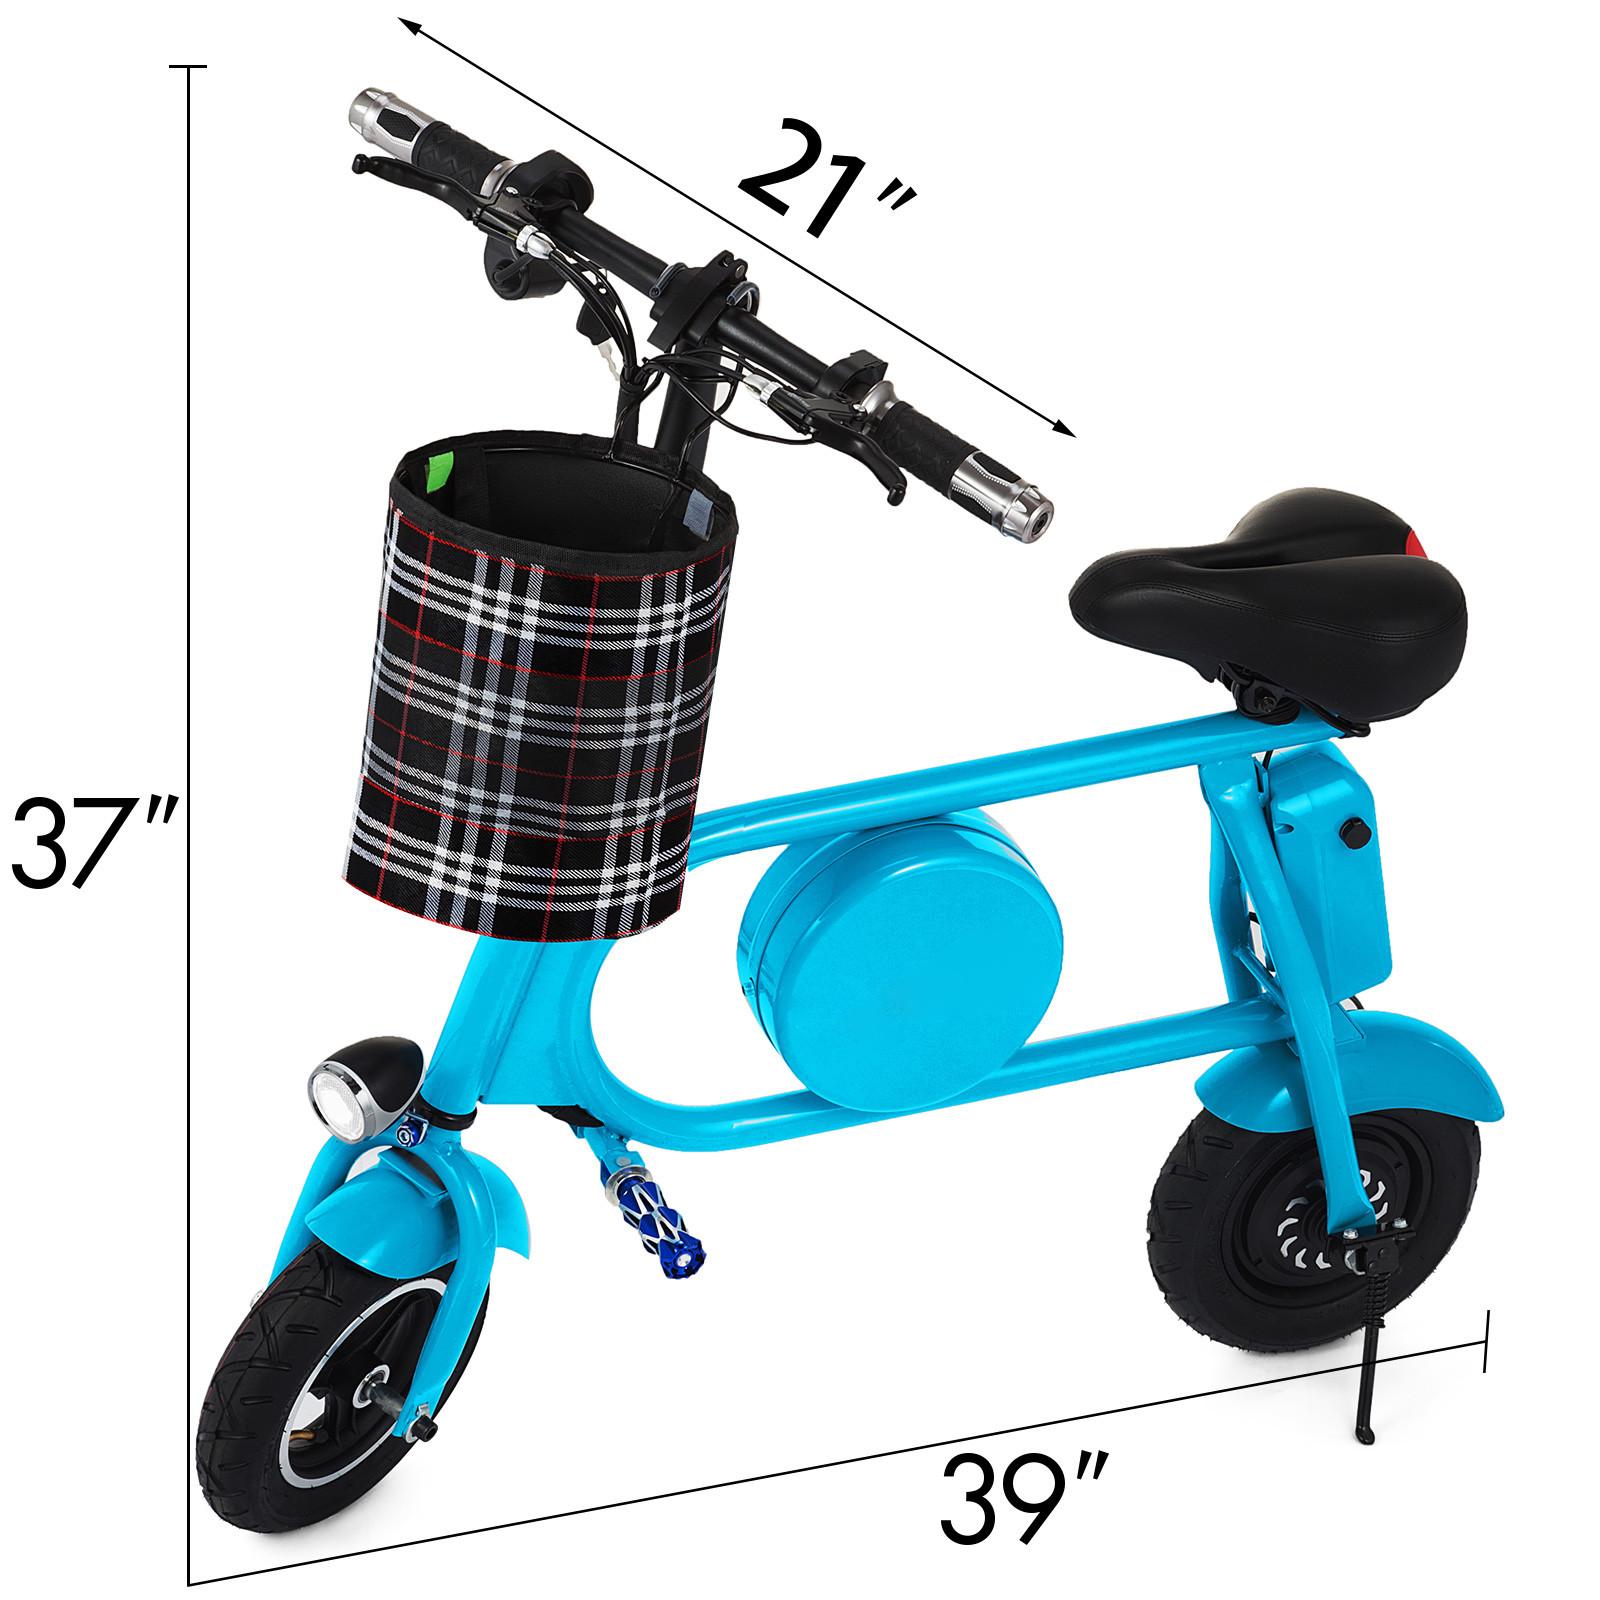 Folding-Electric-Bicycle-E-Bike-36v-battery-amp-400-Watt-Motor-Portable-eBike-FF thumbnail 14